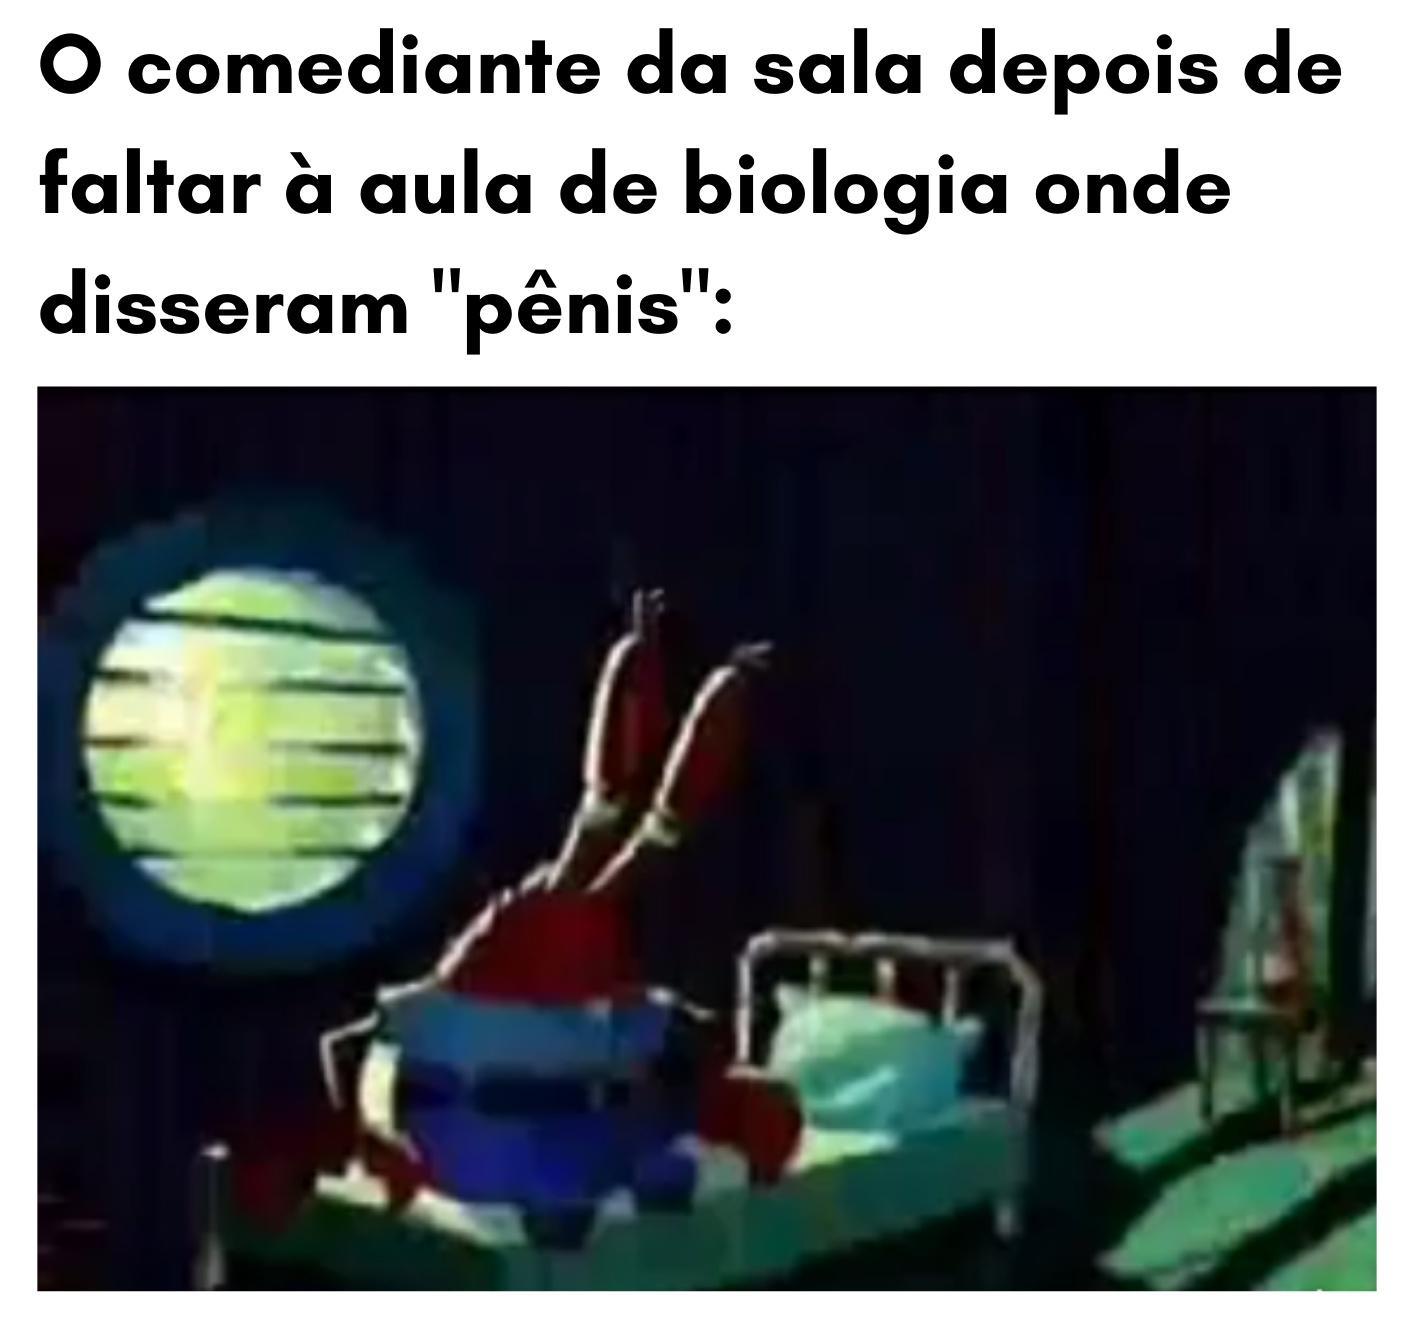 Pinto kkkkkkkkkk - meme